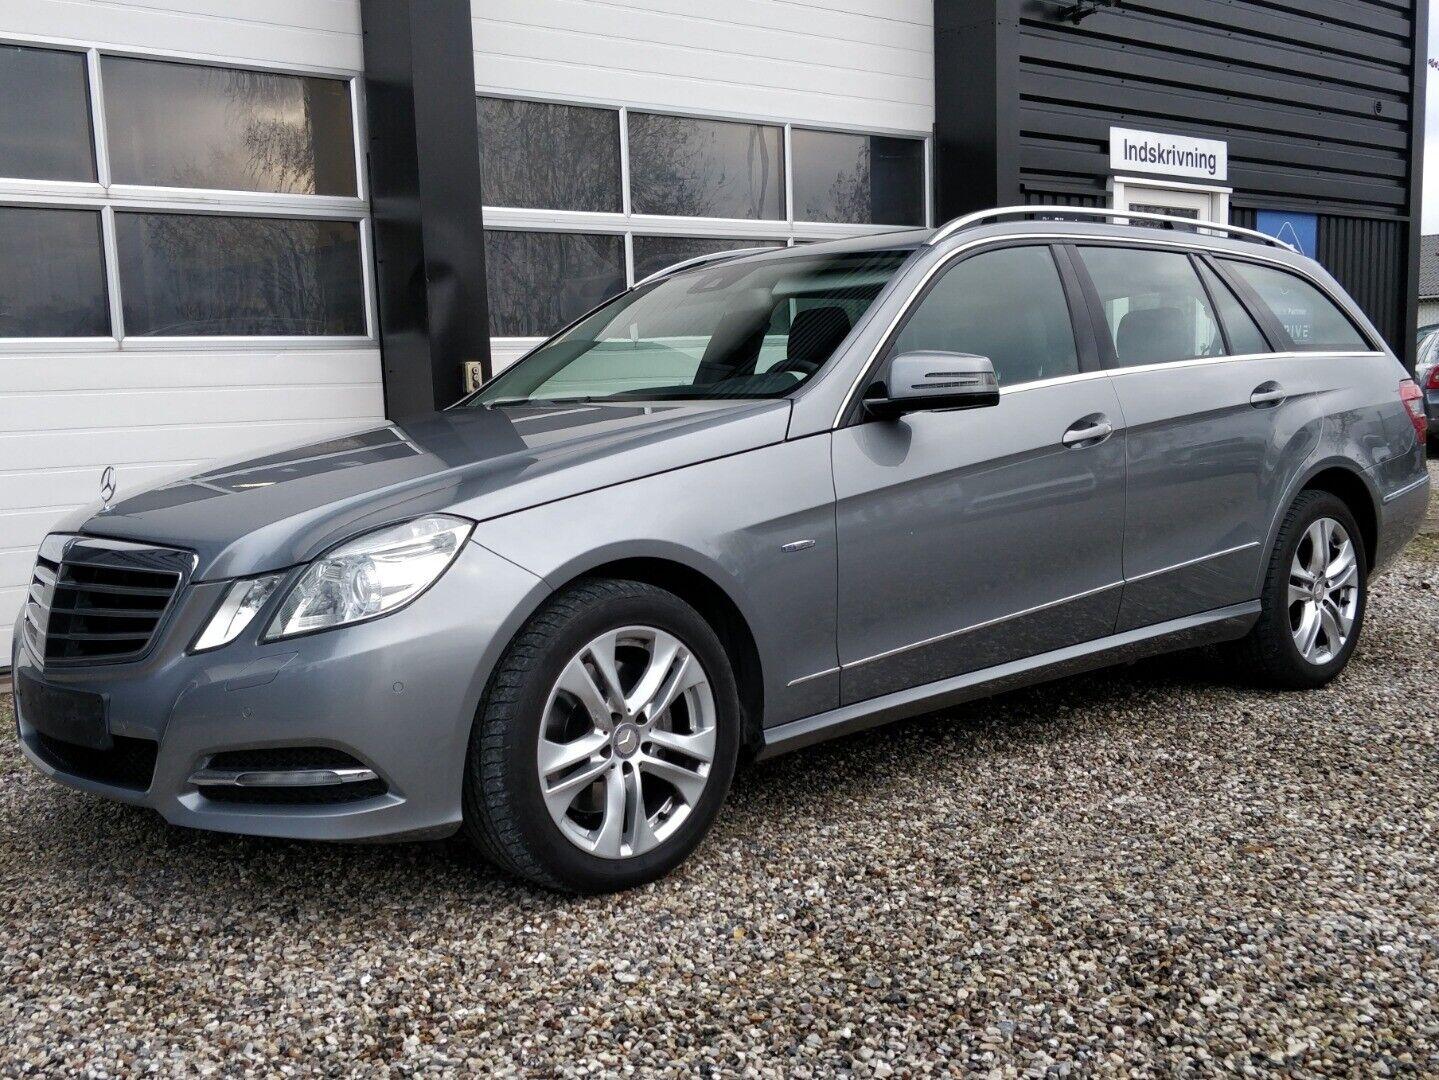 Mercedes E350 3,0 CDi Avantgarde stc. aut. BE 5d - 239.995 kr.